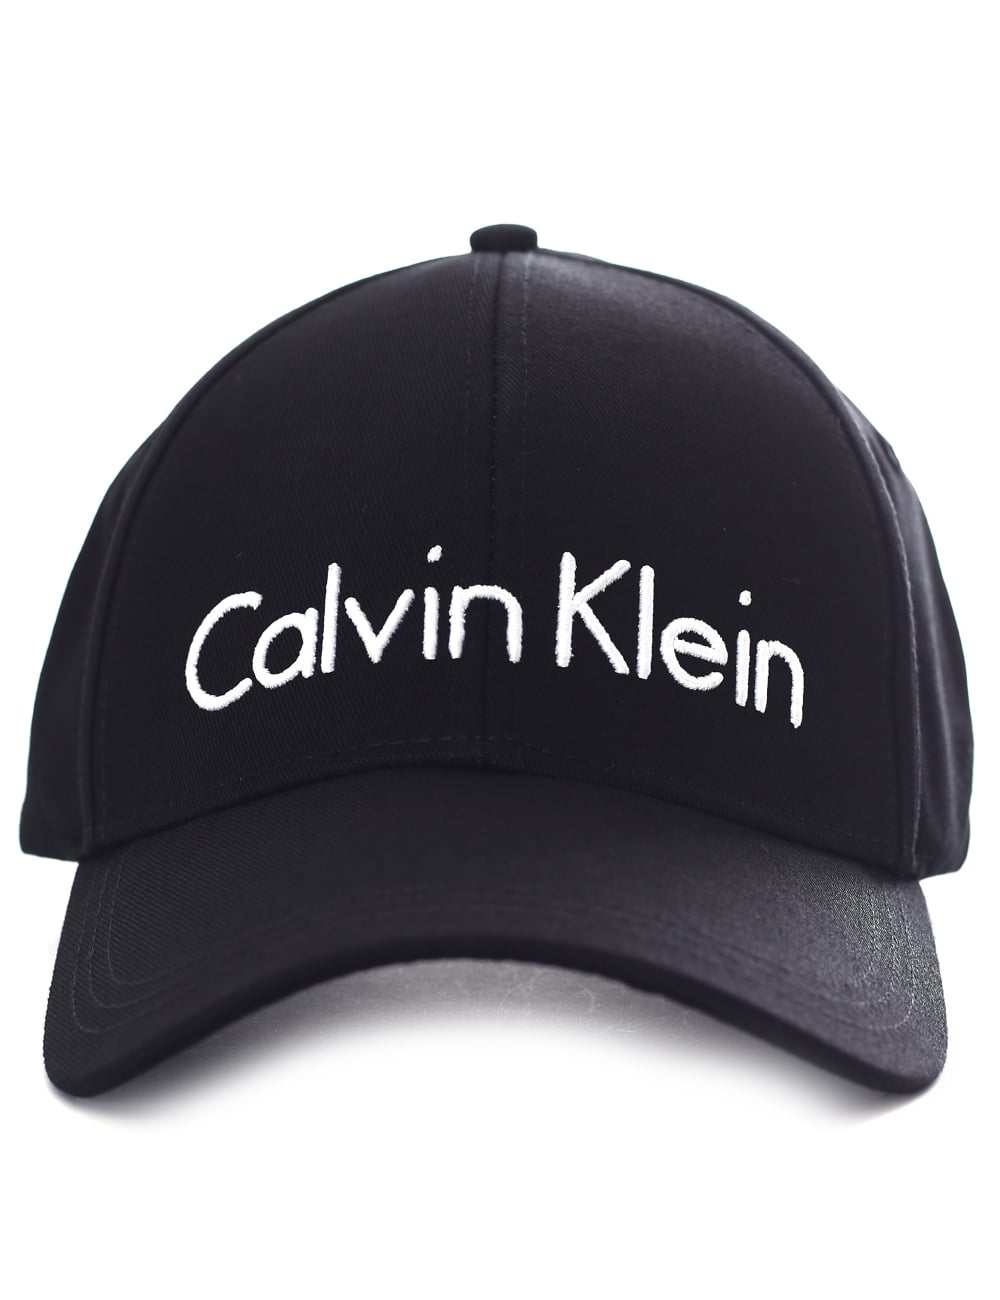 Calvin Klein Women s Logo Baseball Cap Black 6a1d1d2beee